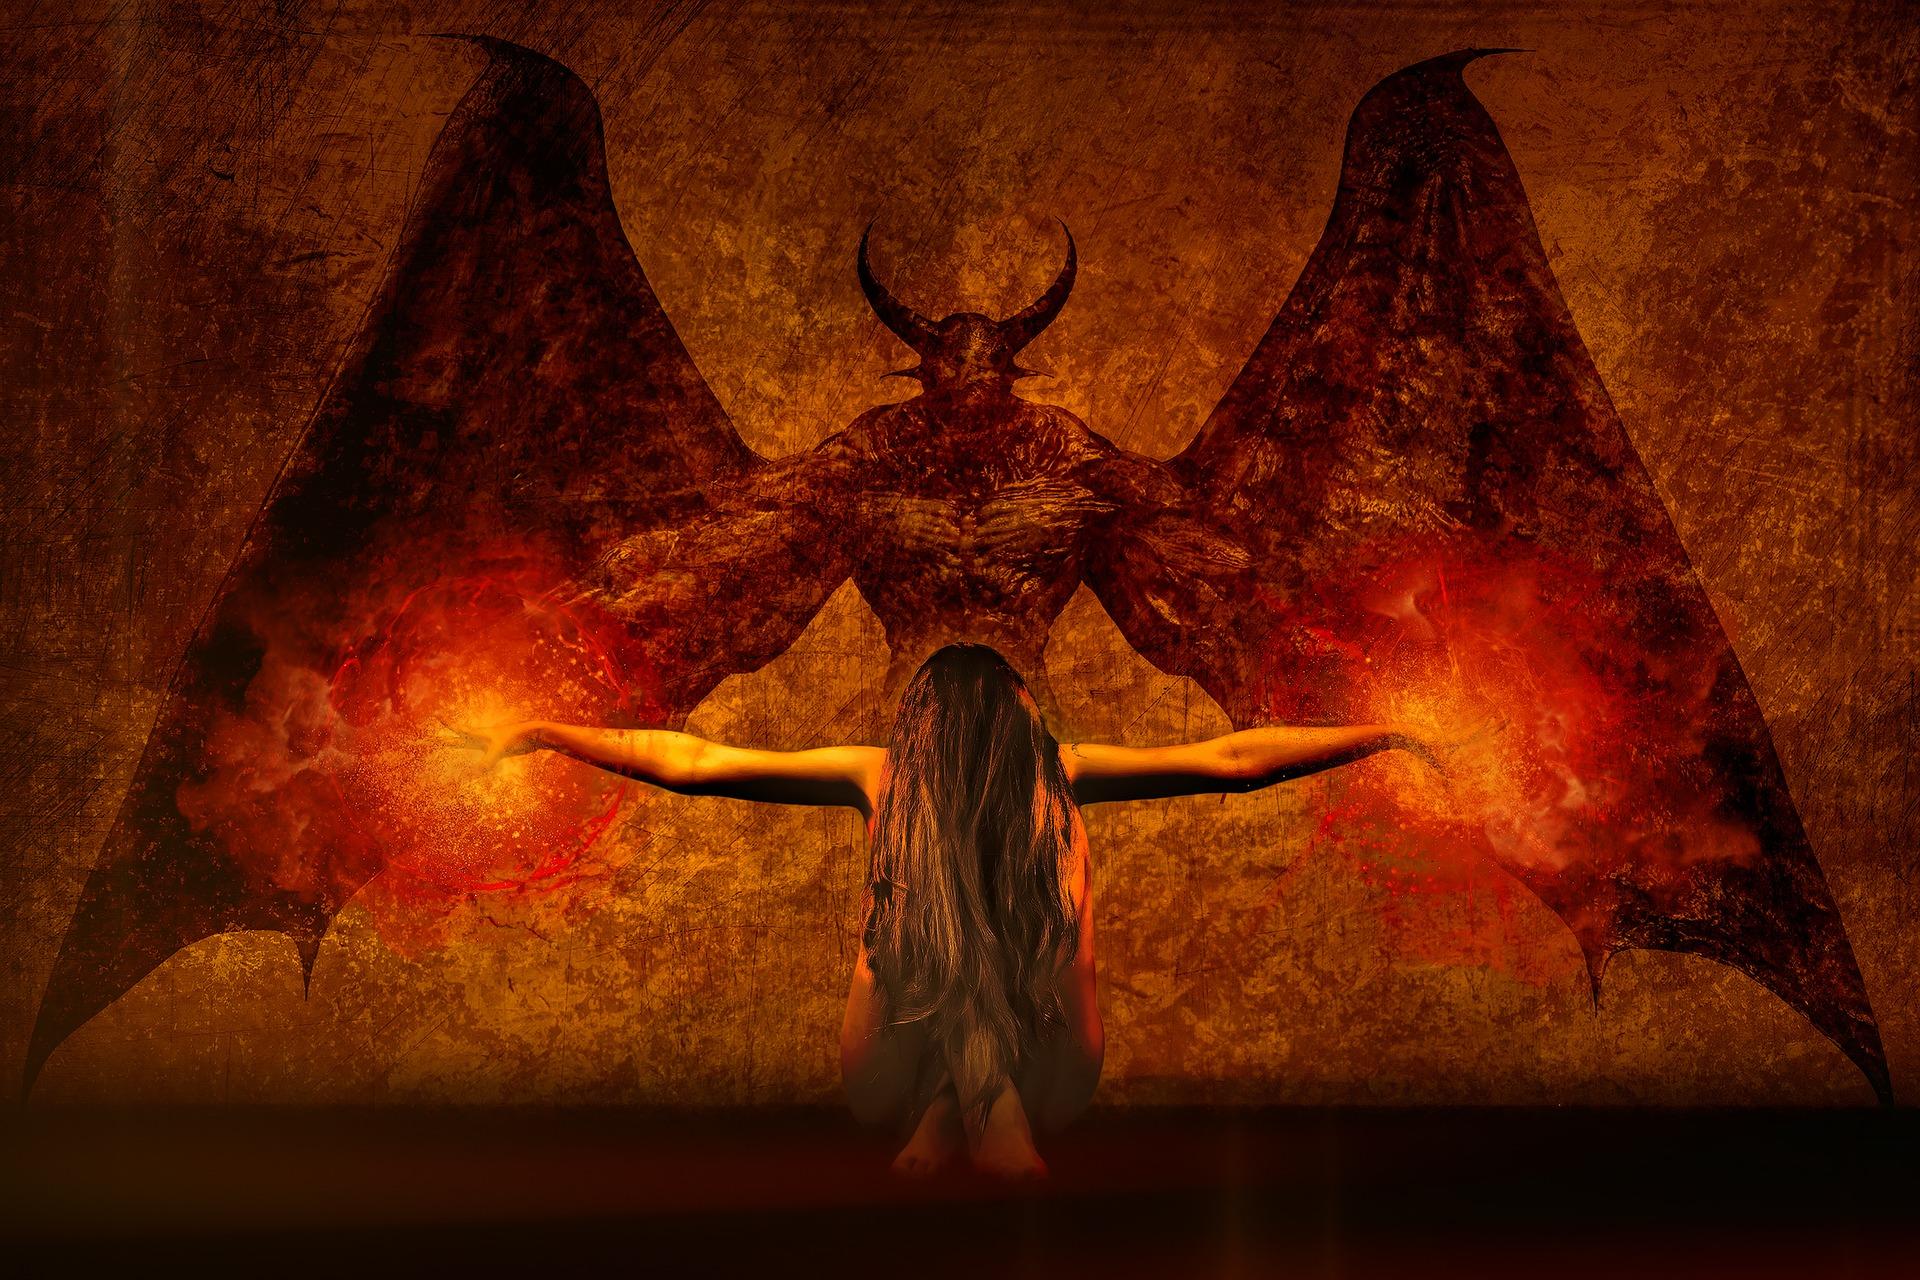 Queste entità oscure potenti che io definisco demoni esistono sia secondo la religione ebraica, che nel cristianesimo, attraverso le dottrine dell'angeologia e demologia.